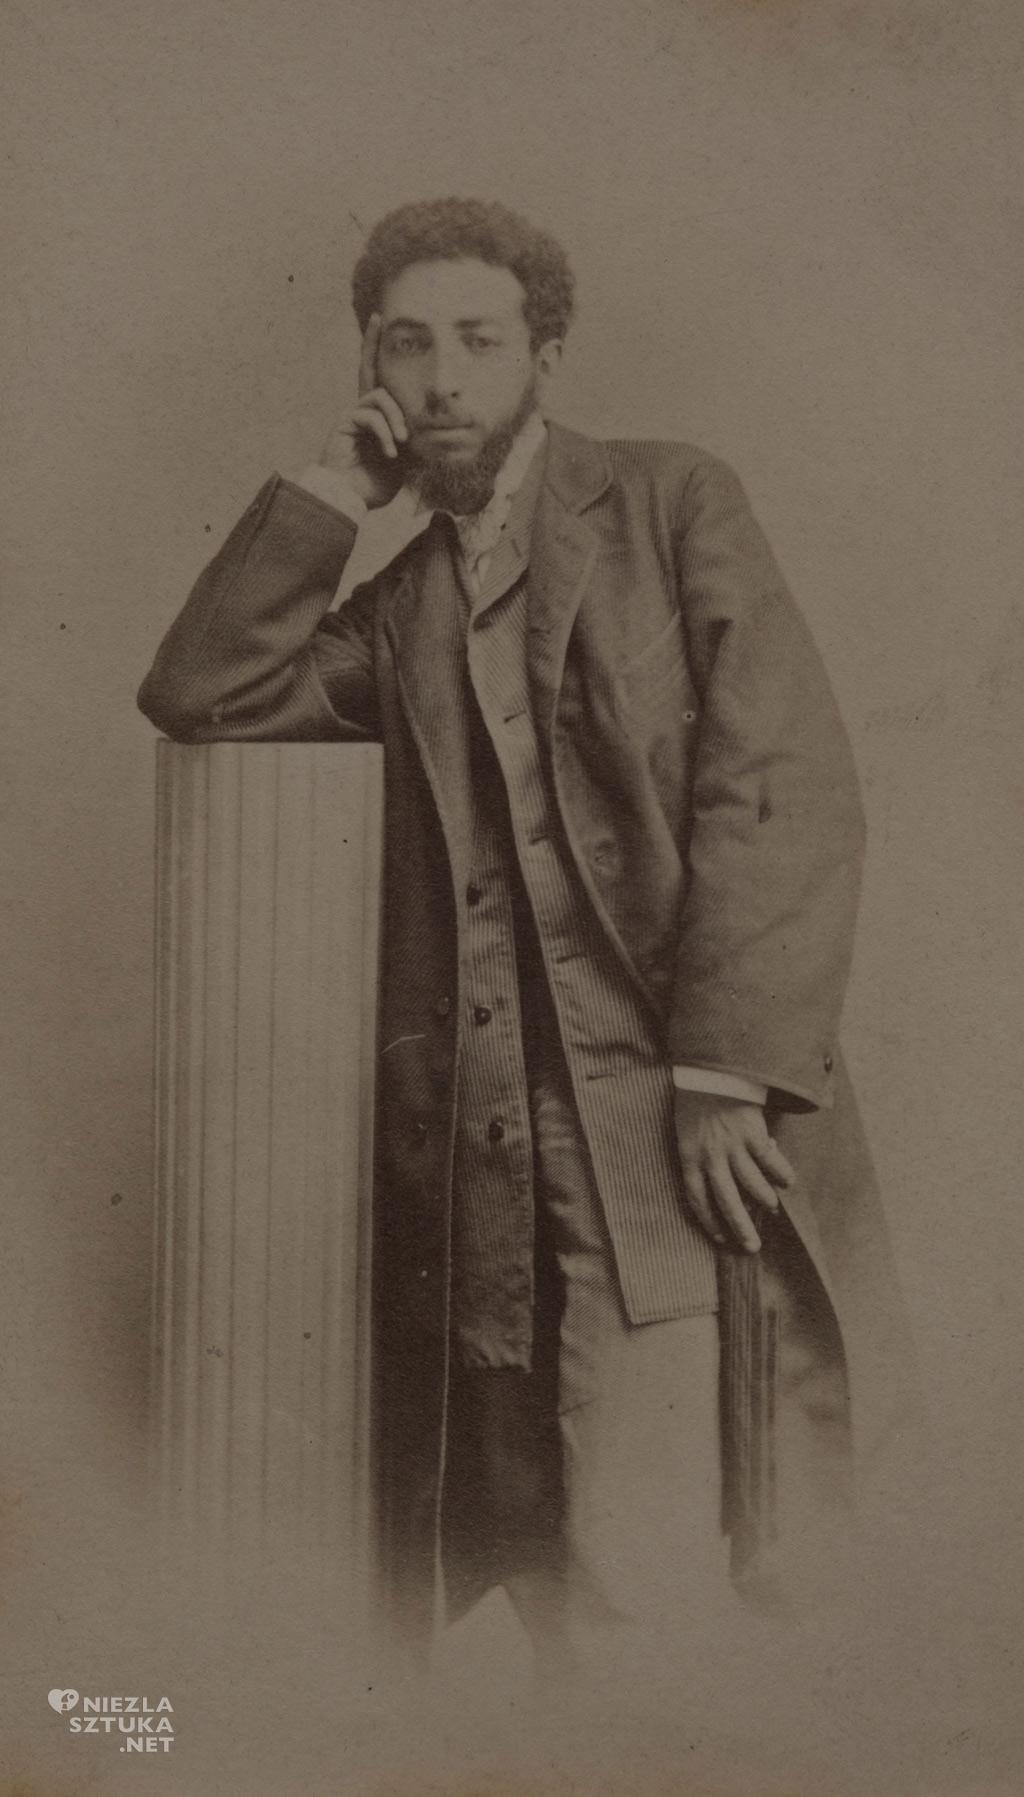 Maurycy Gottlieb